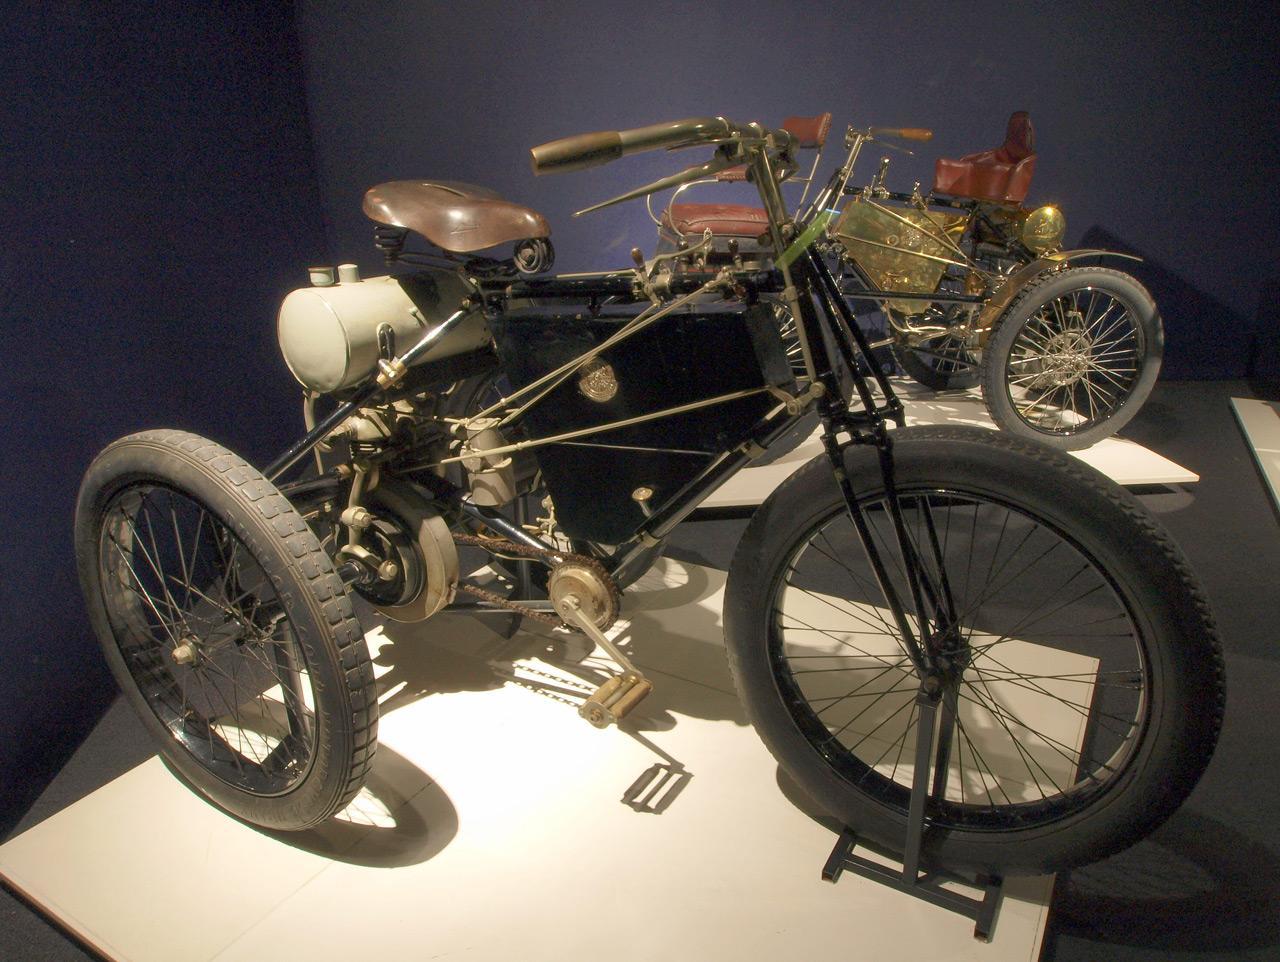 Az eredeti jármű felkutatása is komoly fejtörést okozott a lelkes csapatnak